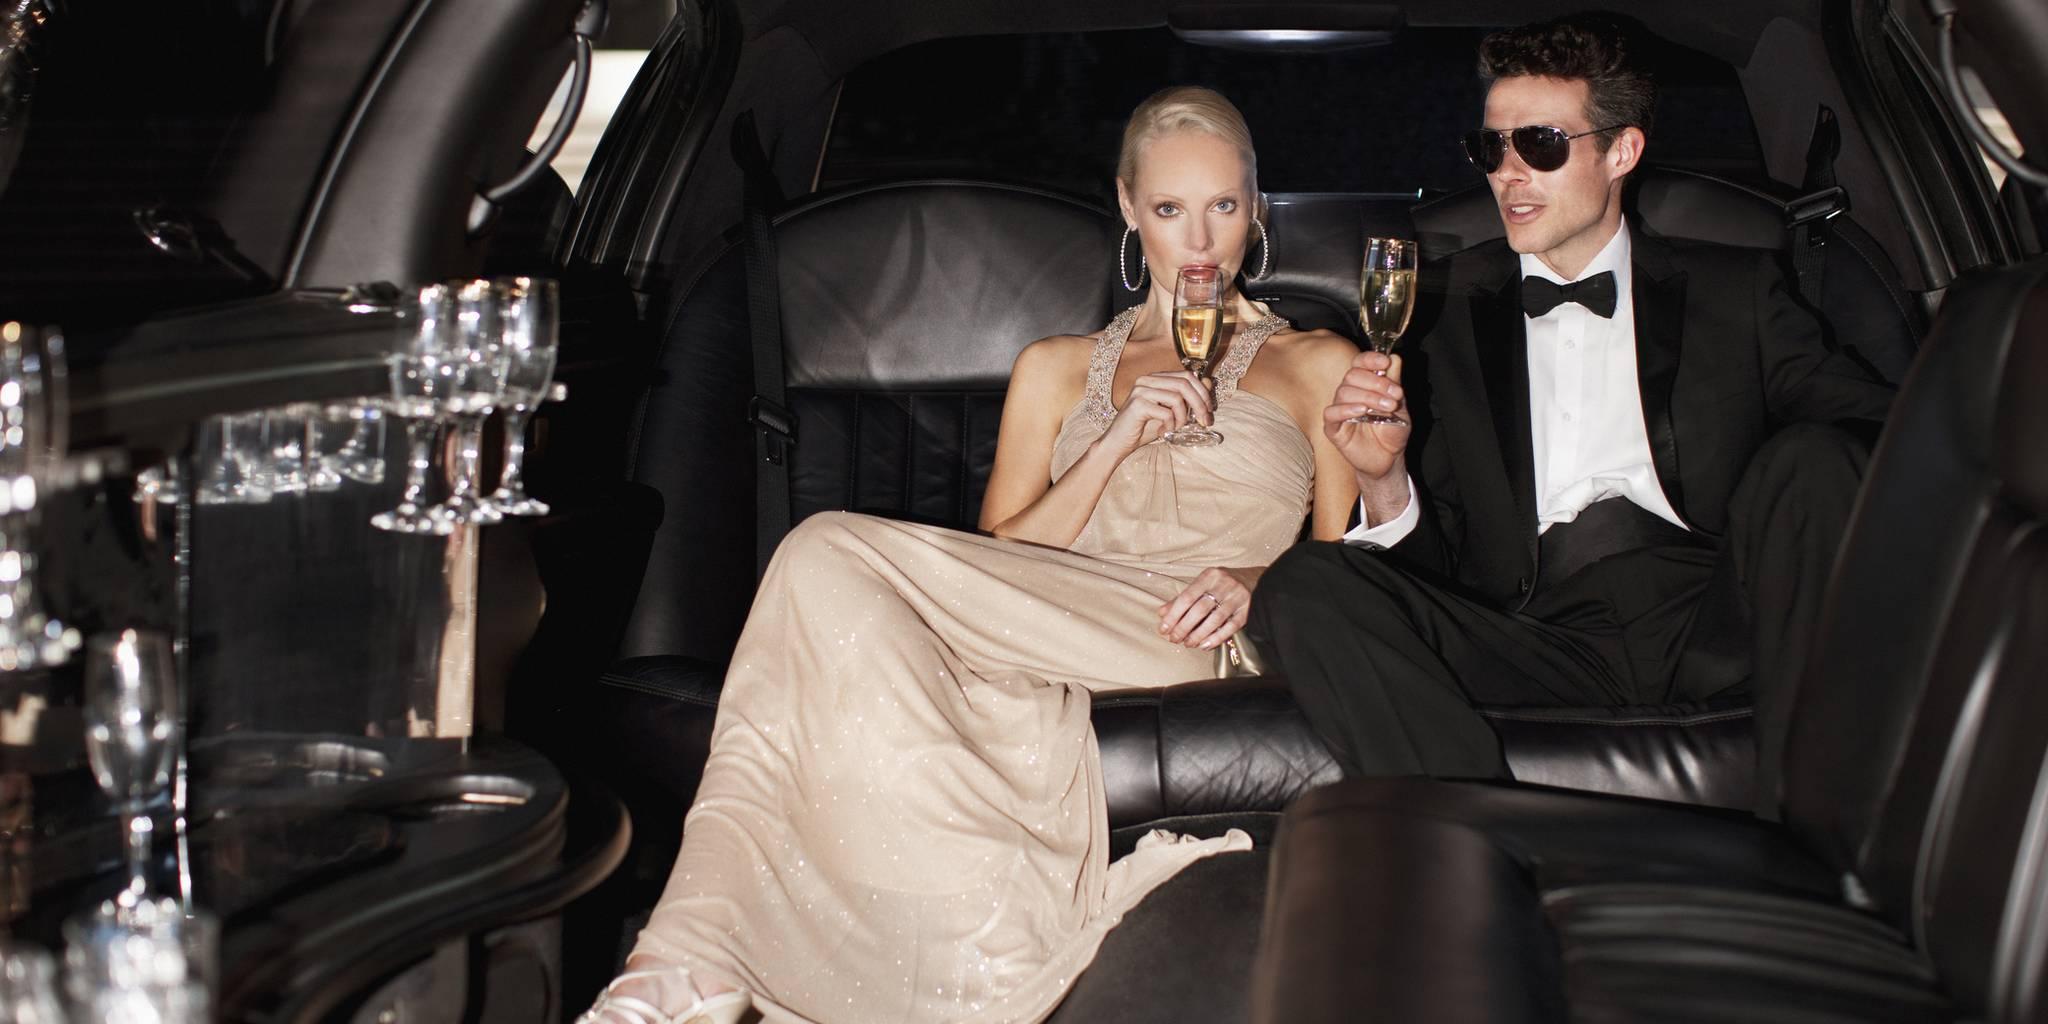 executive-car-service-wedding-limo